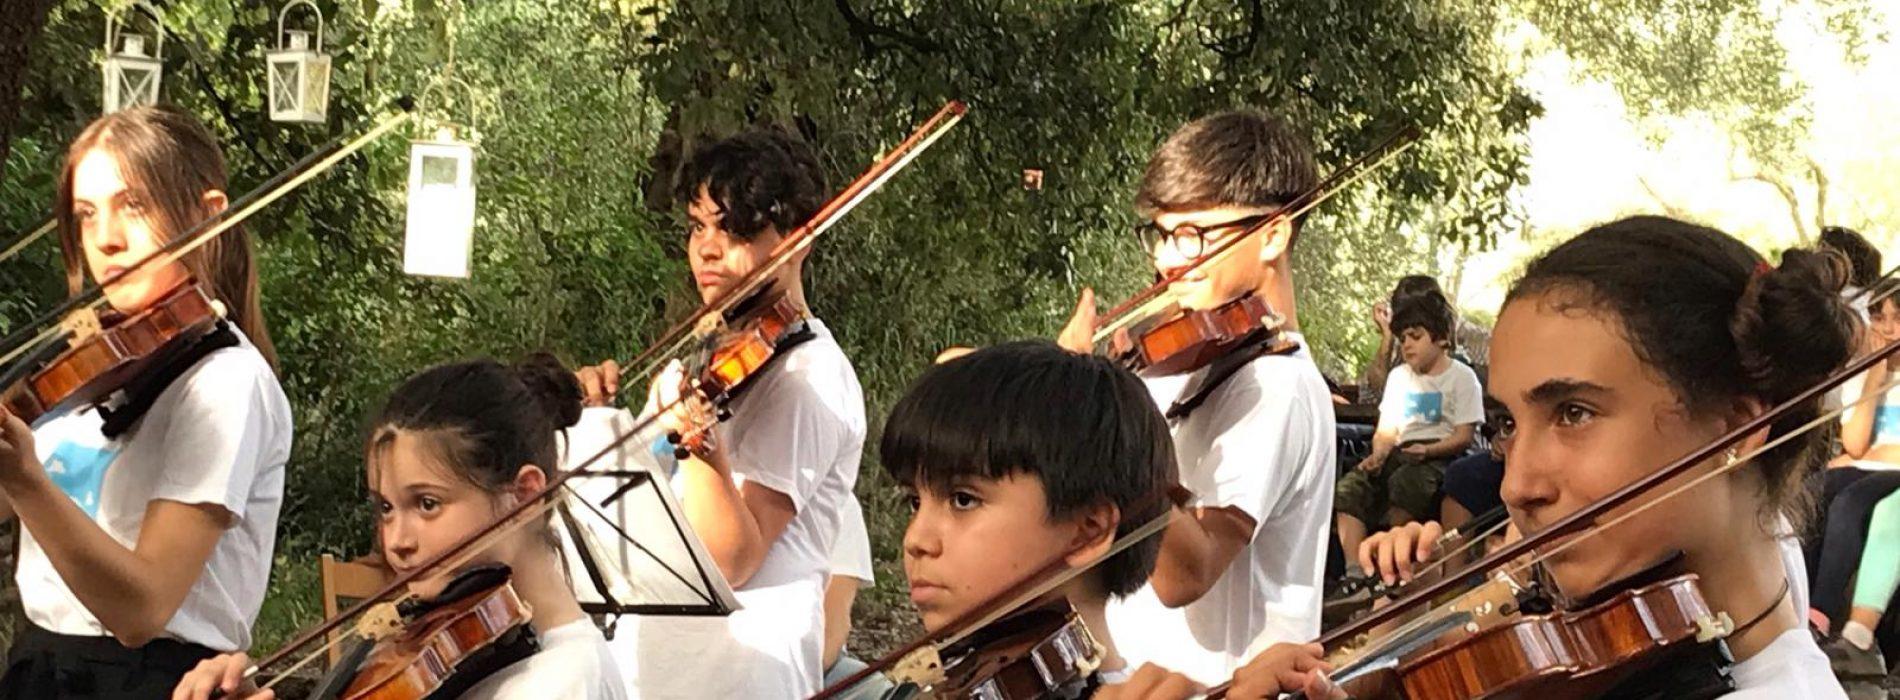 Orchestra Suzuki Casagiove, al Quartiere Militare il concerto